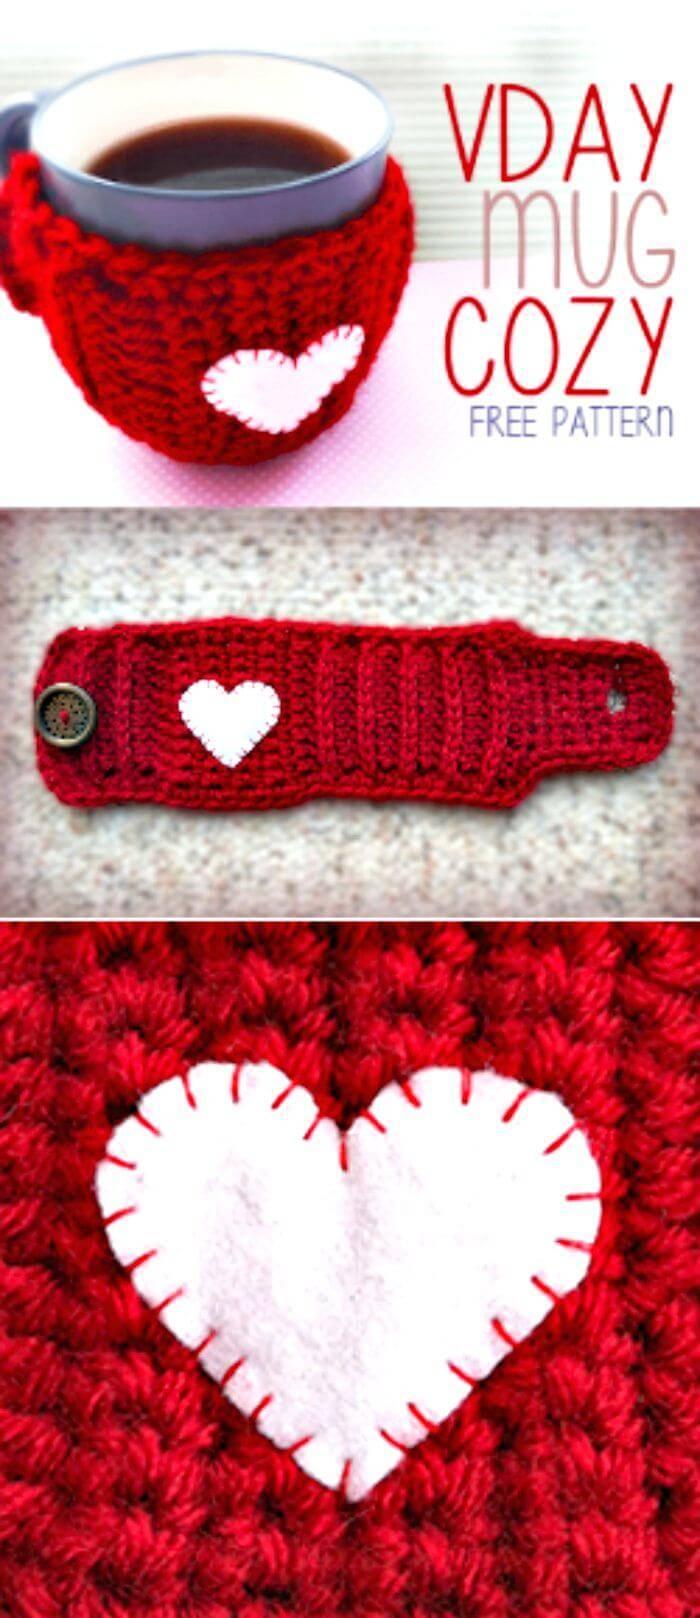 Crochet Valentine's Day Mug Cozy - Free Crochet Pattern